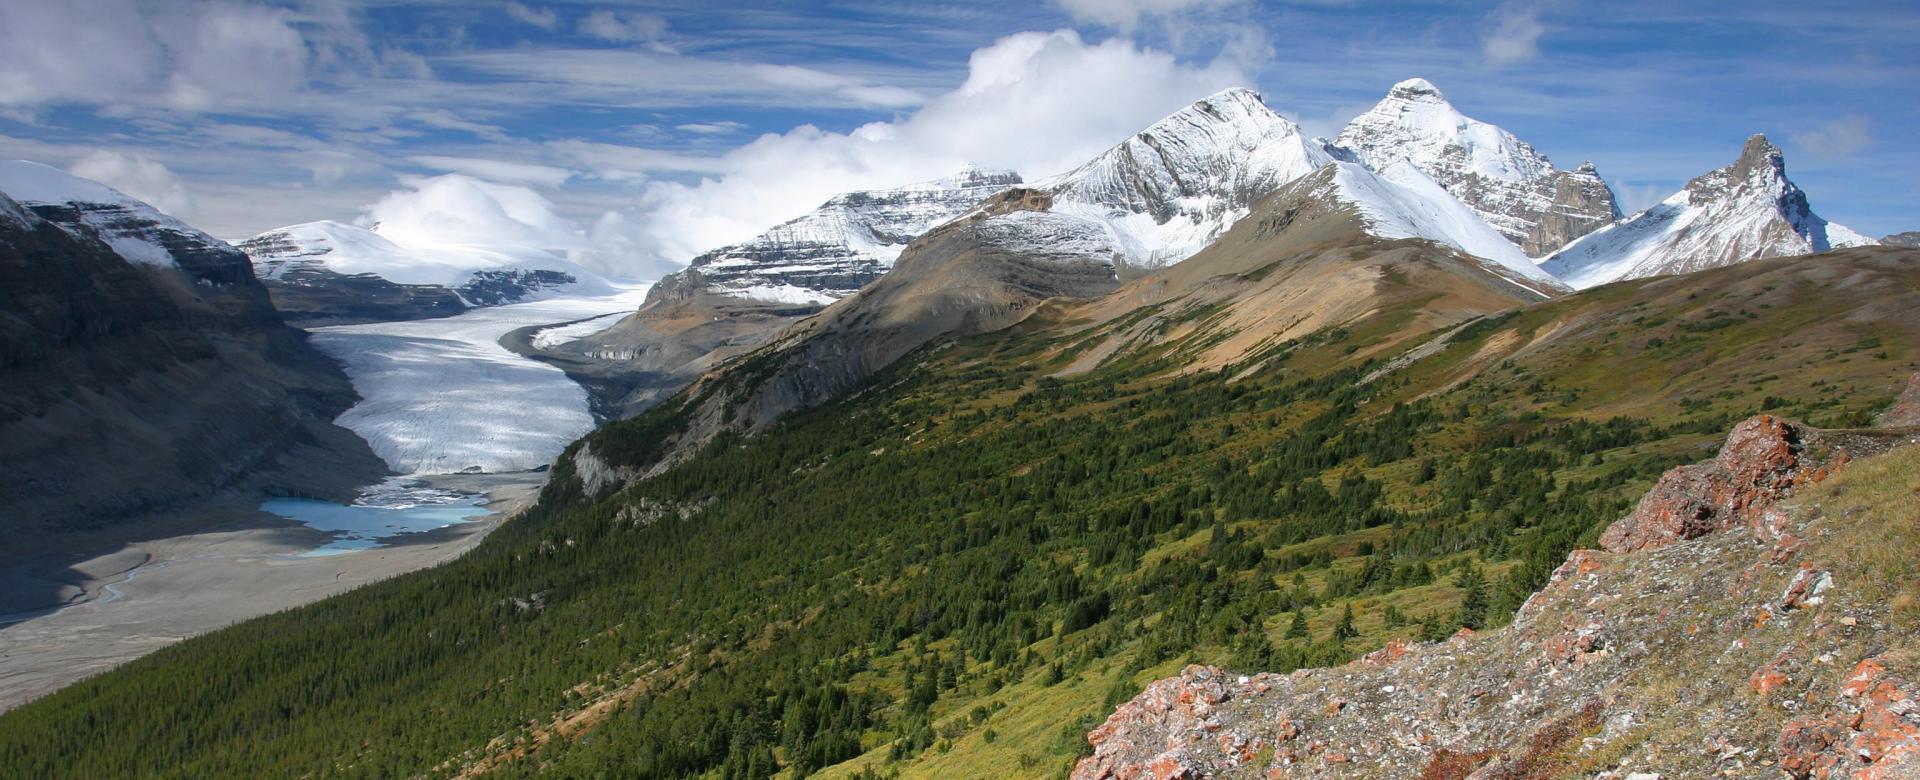 Voyage à pied Canada : De vancouver aux rocheuses canadiennes